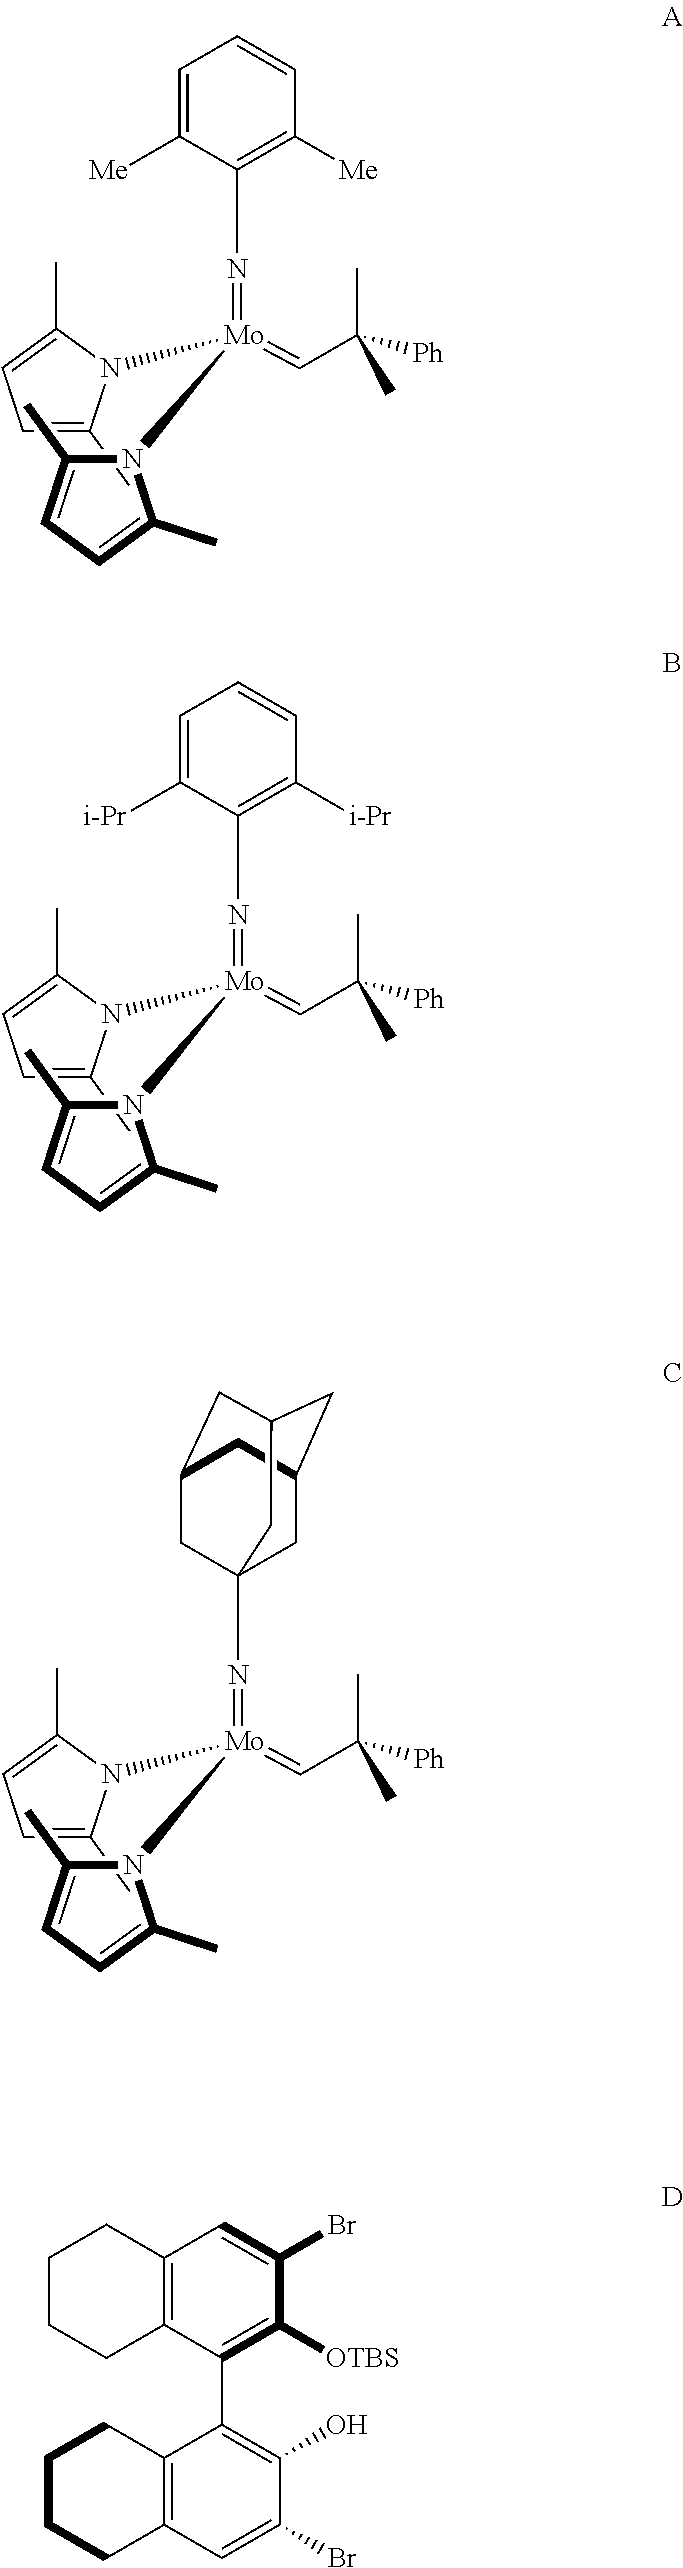 Figure US09446394-20160920-C00191